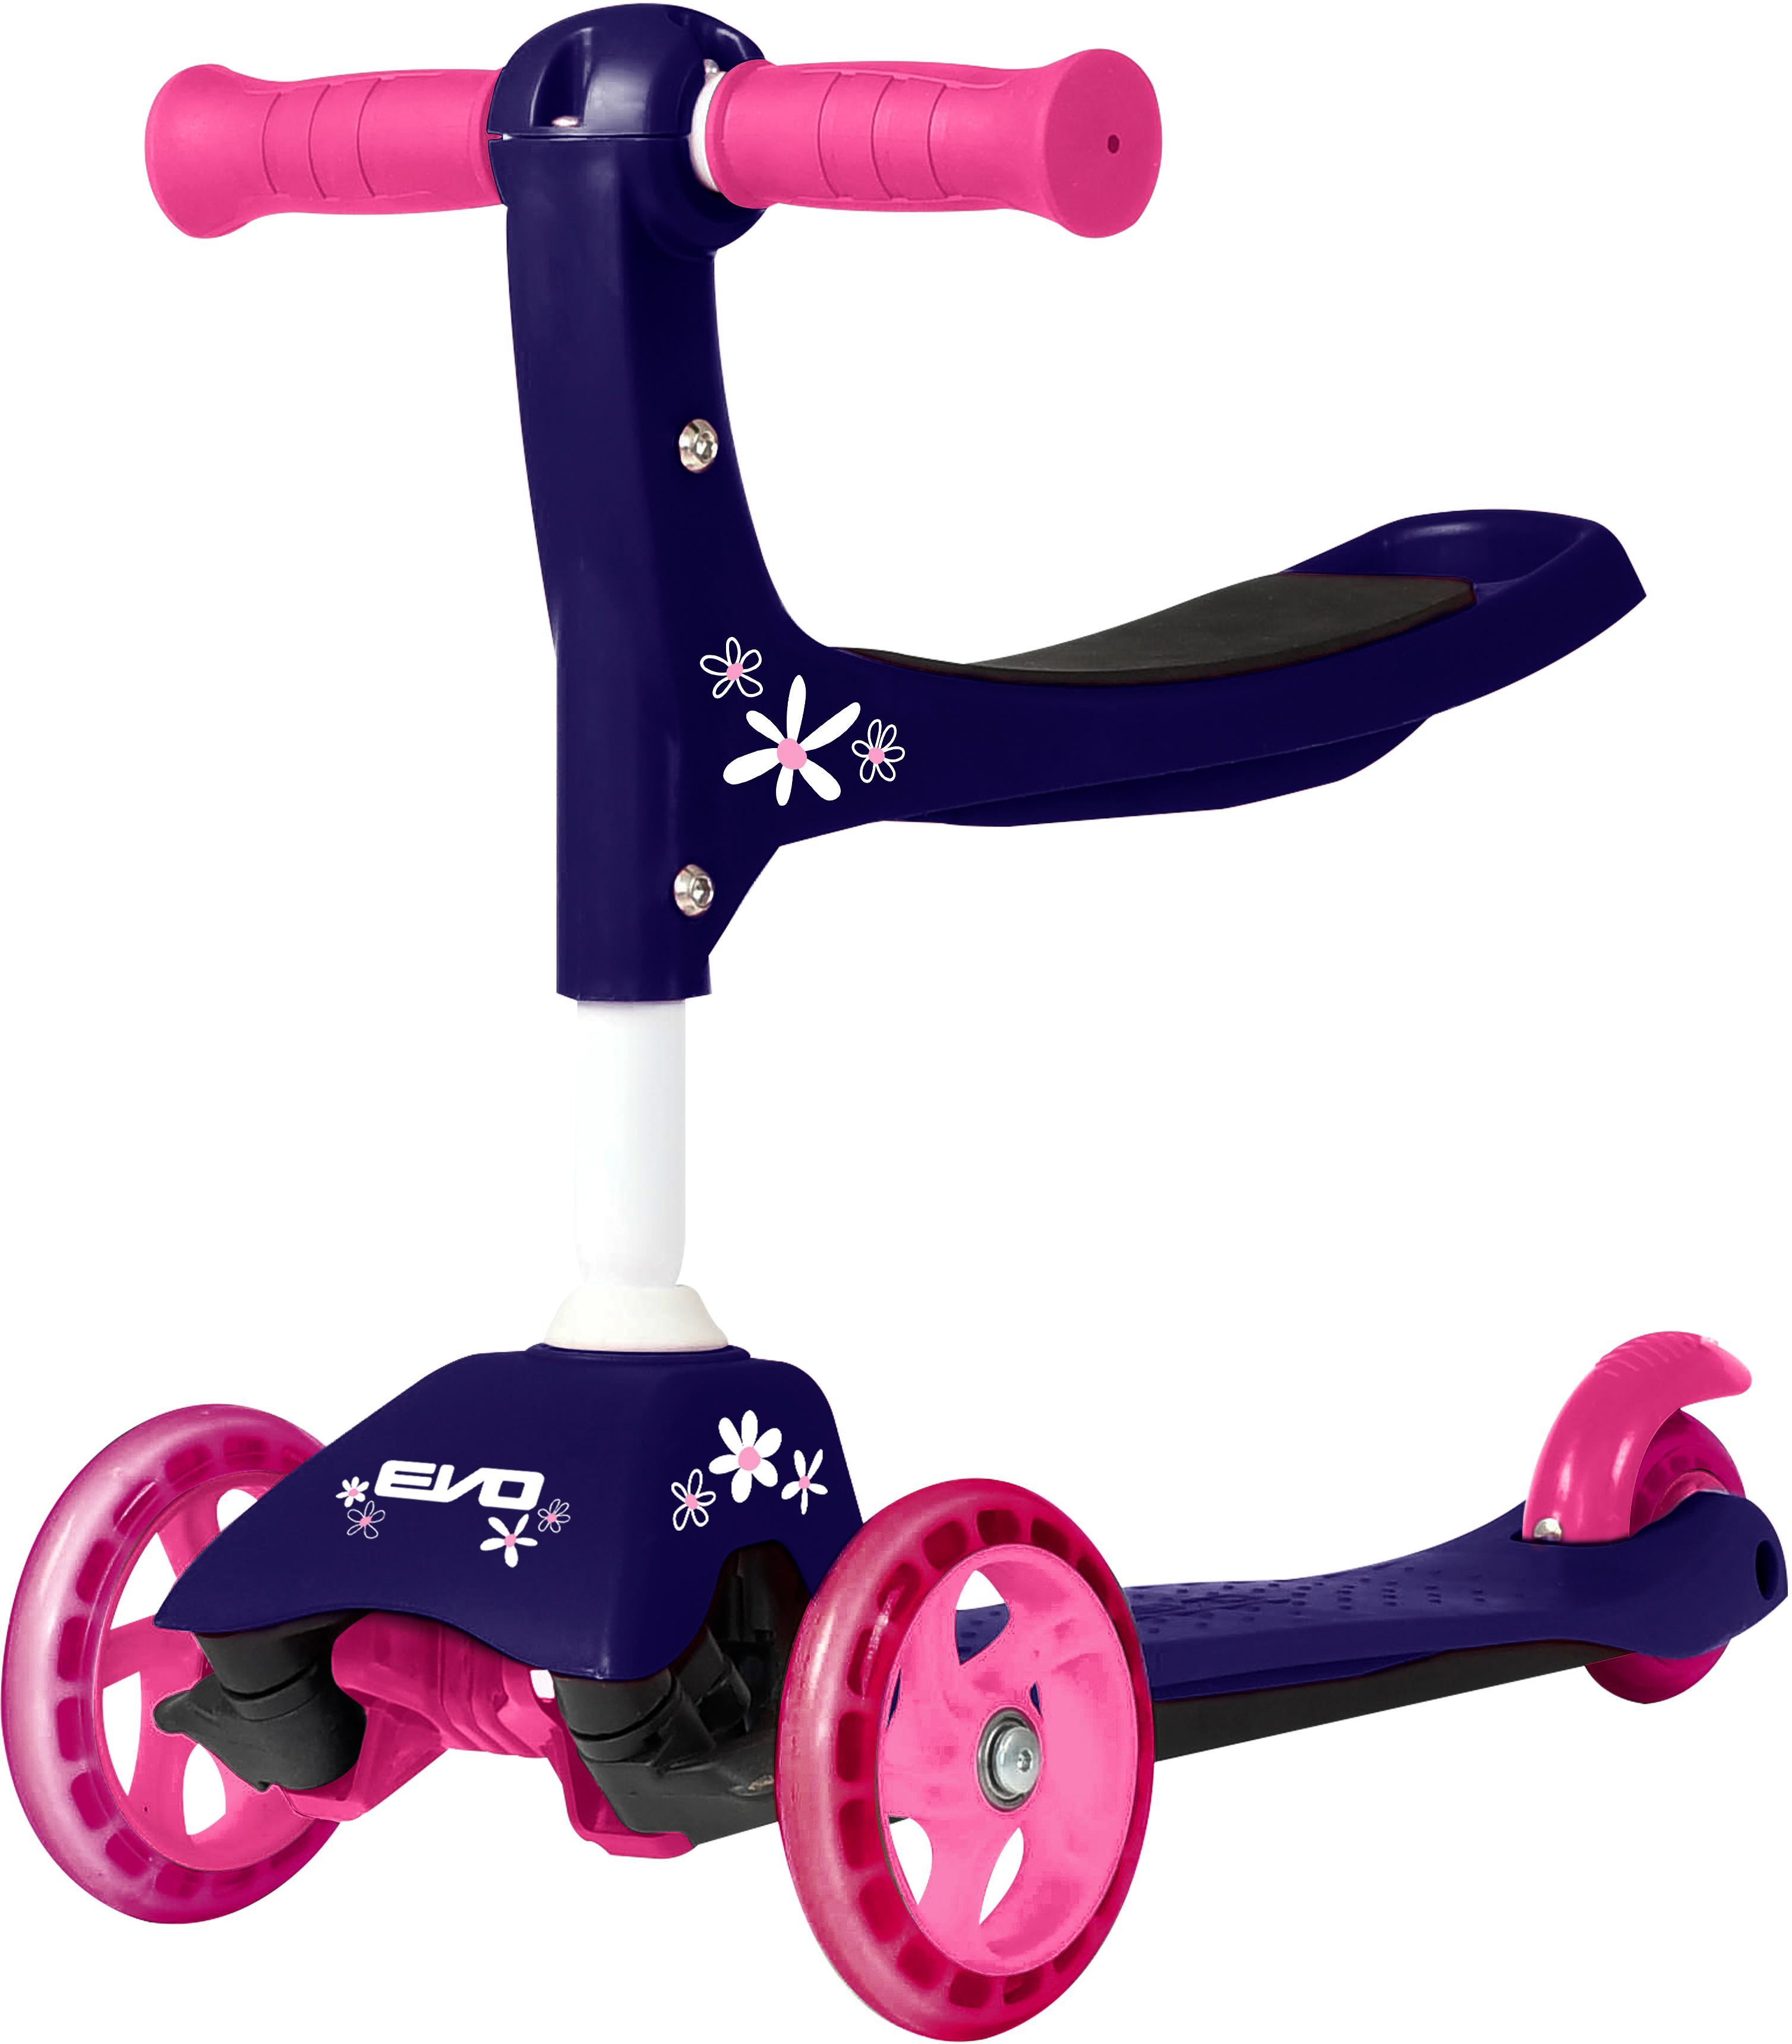 Evo+ 3-In-1 Kids Scooter - Purple Flower